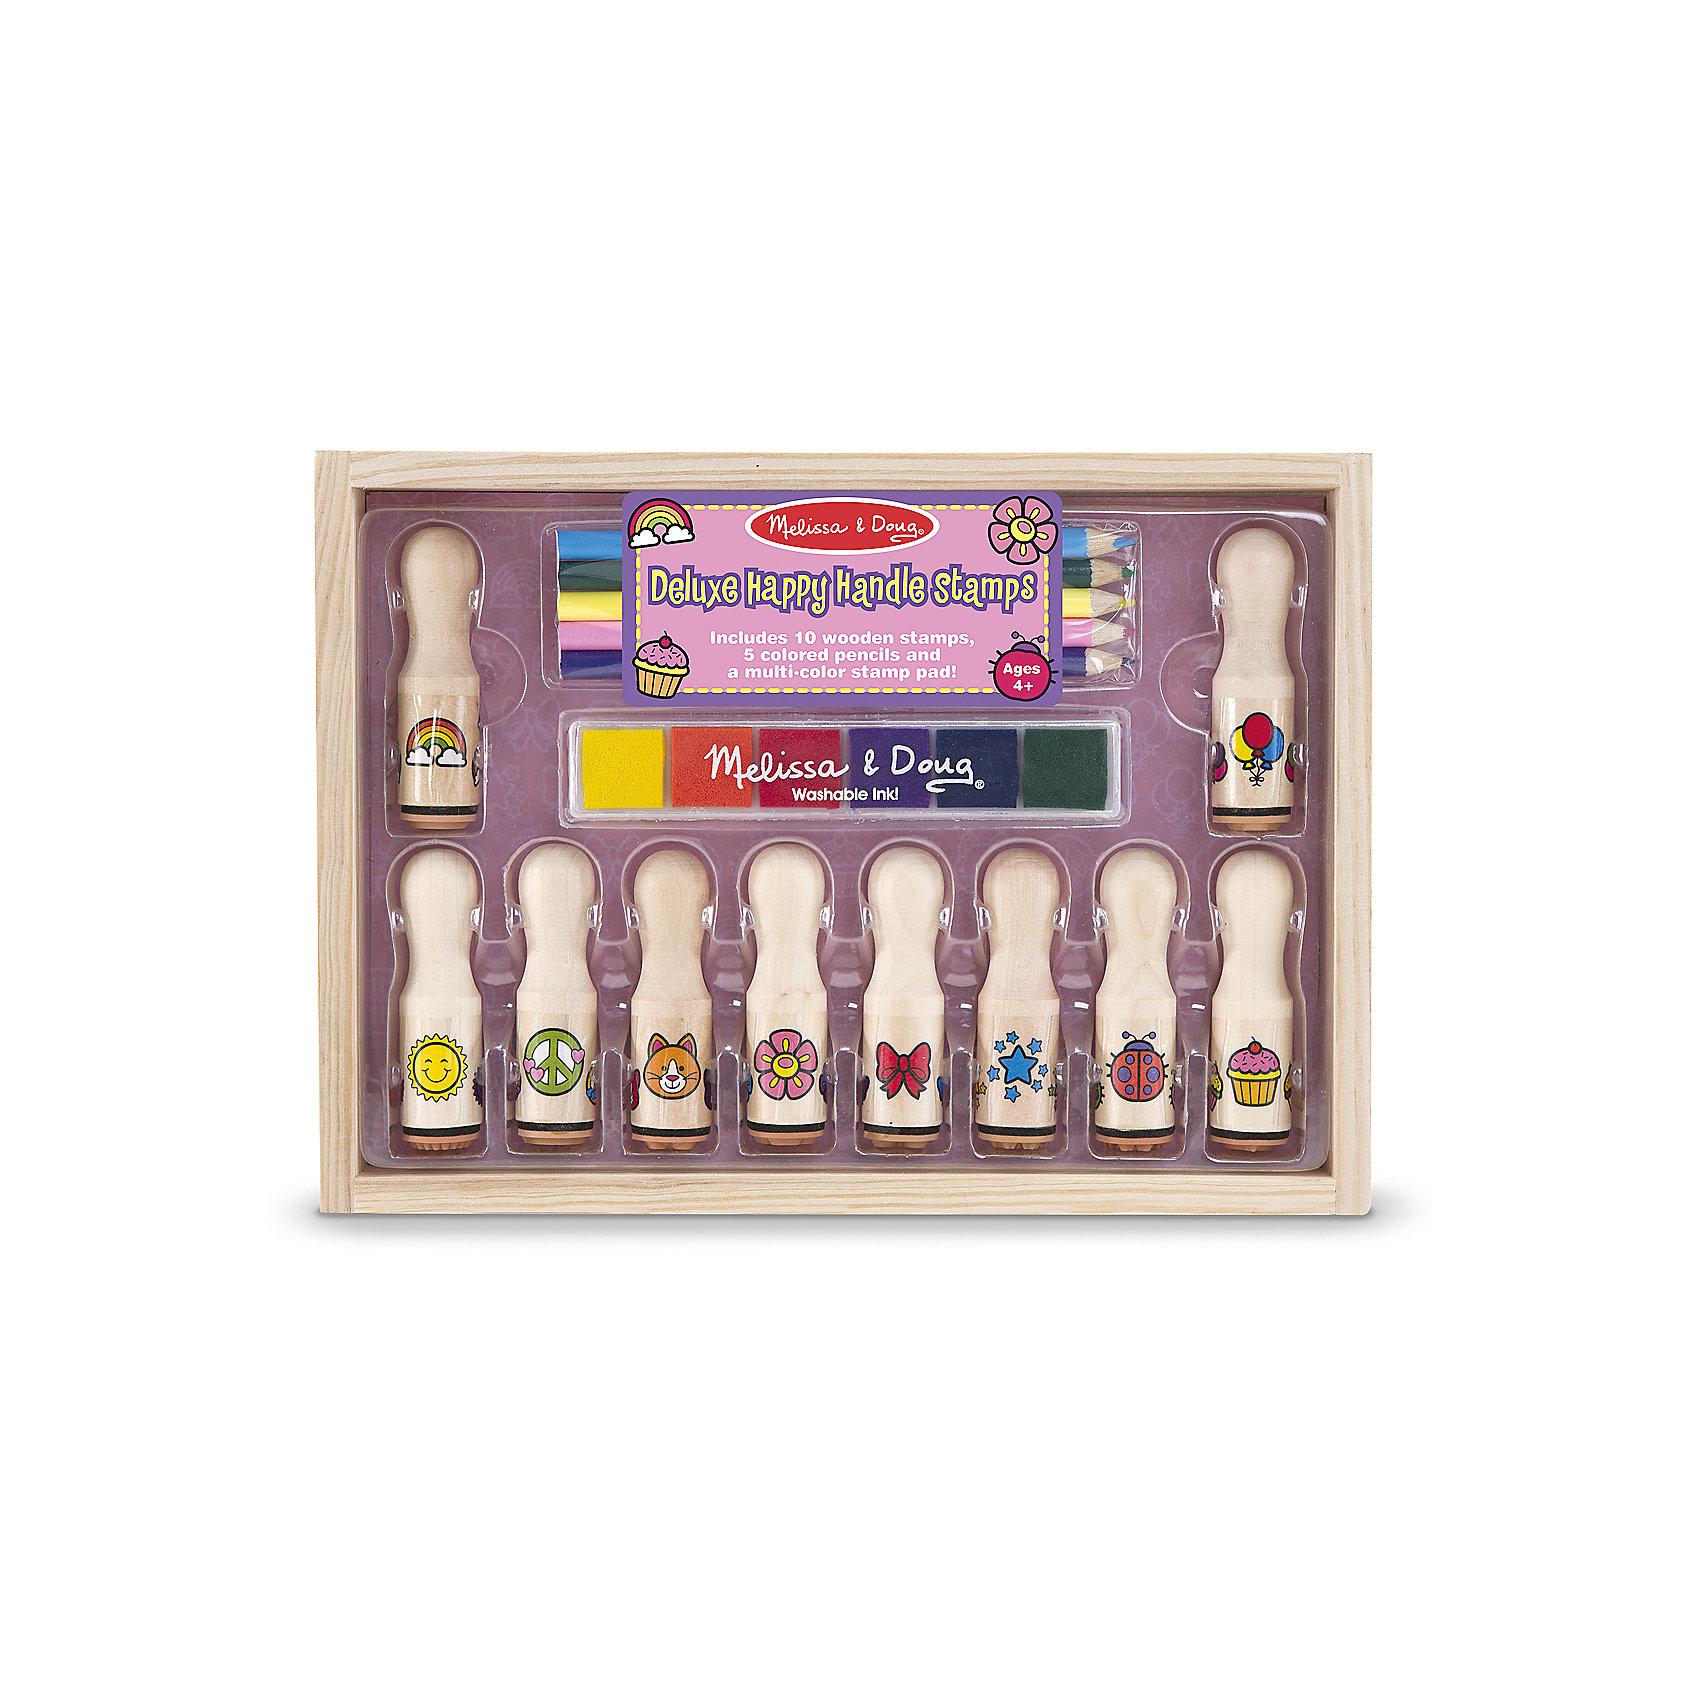 Набор штампов ДелюксПотрясающий Набор штампов Делюкс в деревянной коробке представлен в виде удобных штампов с различными изображениями, ярких красок и карандашами различных цветов, которые легко наносятся на бумагу. Яркая радуга, цветок, пирожное, воздушные шары, звезды или очаровательный котик украсят тетрадь вашего ребенка. Набор штампов из дерева поможет Вашему ребенку занимательно и полезно провести досуг!<br><br>Характеристики:<br>-Краски не токсичны, легко смываются<br>-Изображение получается красочным с четким контуром<br>-Развитие навыков: мышление, воображение, внимание, мелкая моторика, художественные навыки<br>-Печати закреплены на длинных ручках, чтобы ребенок не пачкался в краске<br><br>Комплектация: 10 печатей (солнышко, мир, кошка, цветок, бант, звезды, божья коровка, пирог, шарики, радуга), 5 цветных карандашей, 6 красок для штампов<br><br>Дополнительная информация:<br><br>-Размер упаковки: 26x19x7 см<br>-Материалы: дерево, чернила<br>-Вес в упаковке: 634 г<br><br>При помощи штампов и дополнительных красок и карандашей Ваш ребенок создаст оригинальную картину, которую можно сохранить на память или подарить друзьям!<br><br>Набор штампов Делюкс можно купить в нашем магазине.<br><br>Ширина мм: 260<br>Глубина мм: 70<br>Высота мм: 190<br>Вес г: 634<br>Возраст от месяцев: 48<br>Возраст до месяцев: 144<br>Пол: Унисекс<br>Возраст: Детский<br>SKU: 4216548